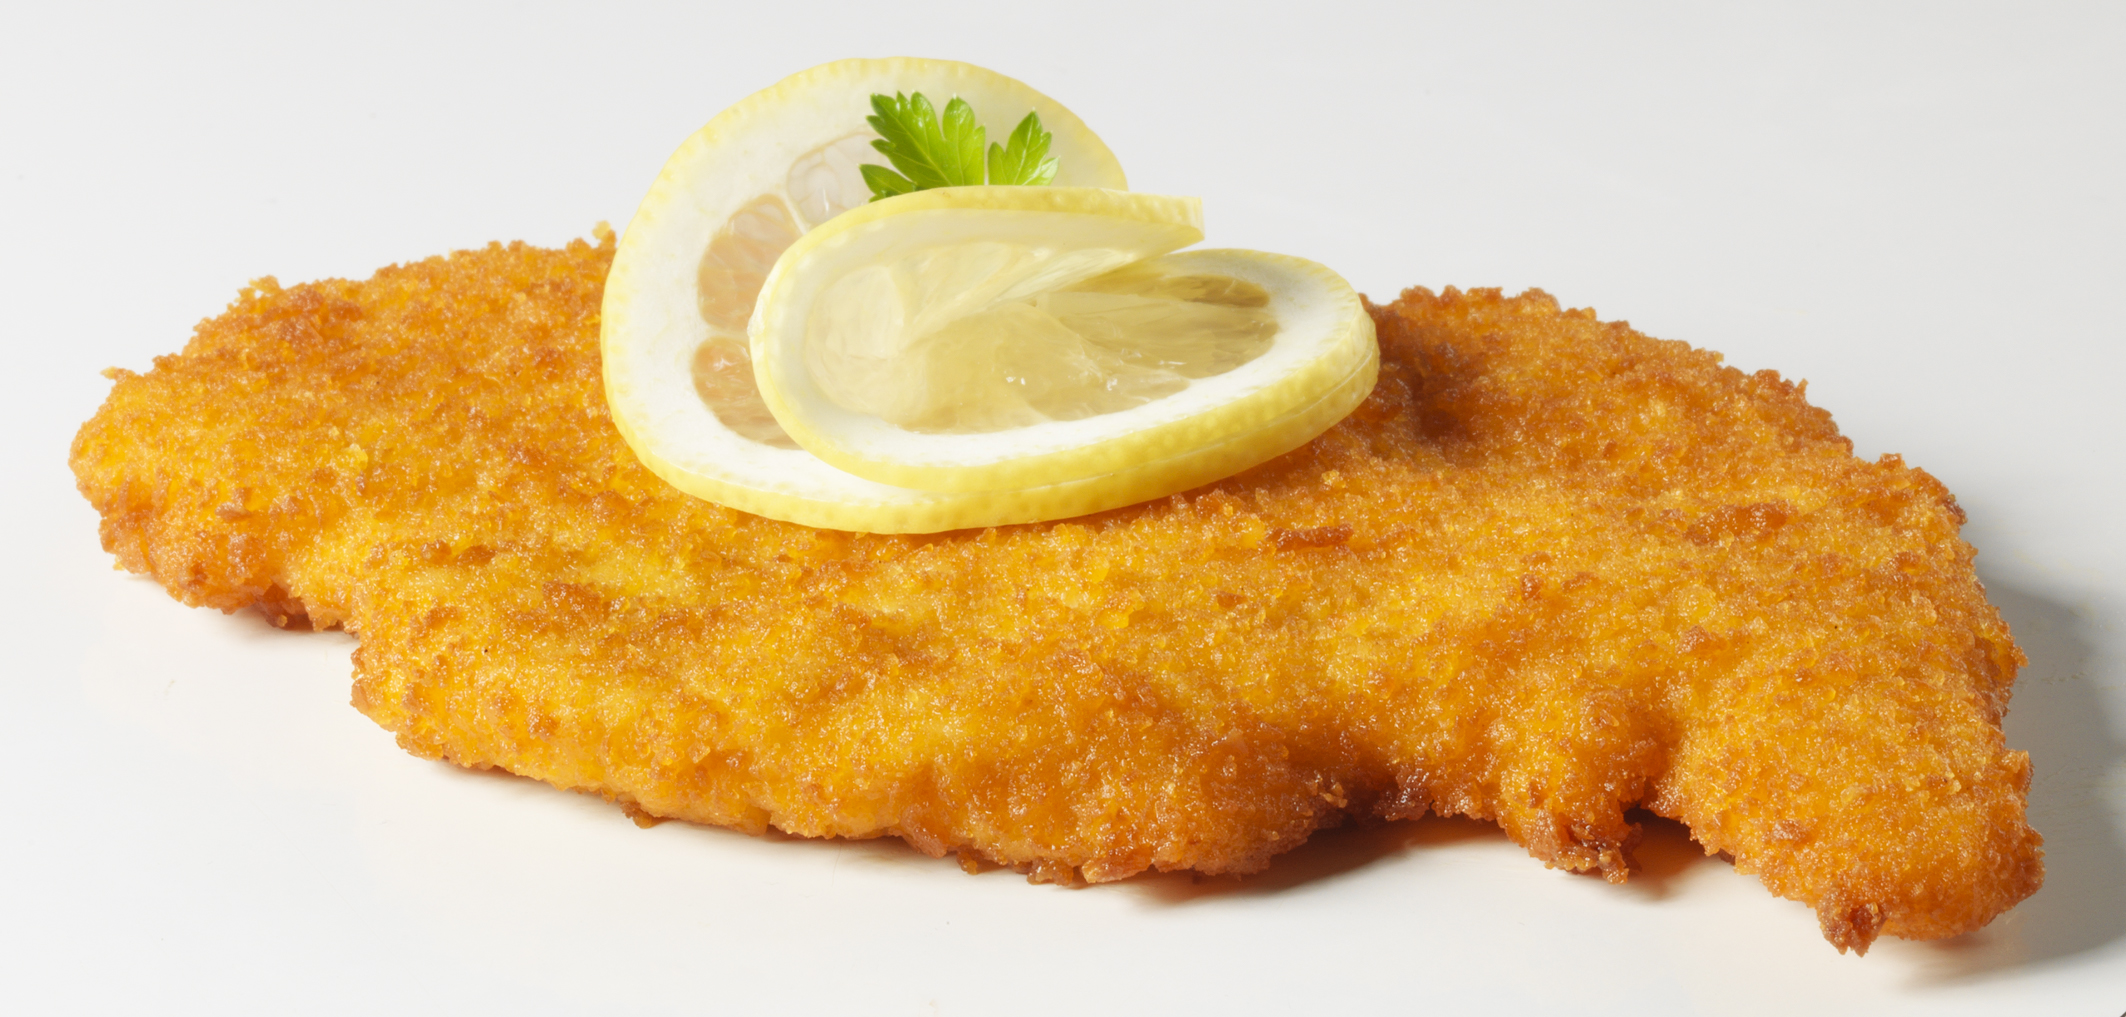 H-M Schnitzel